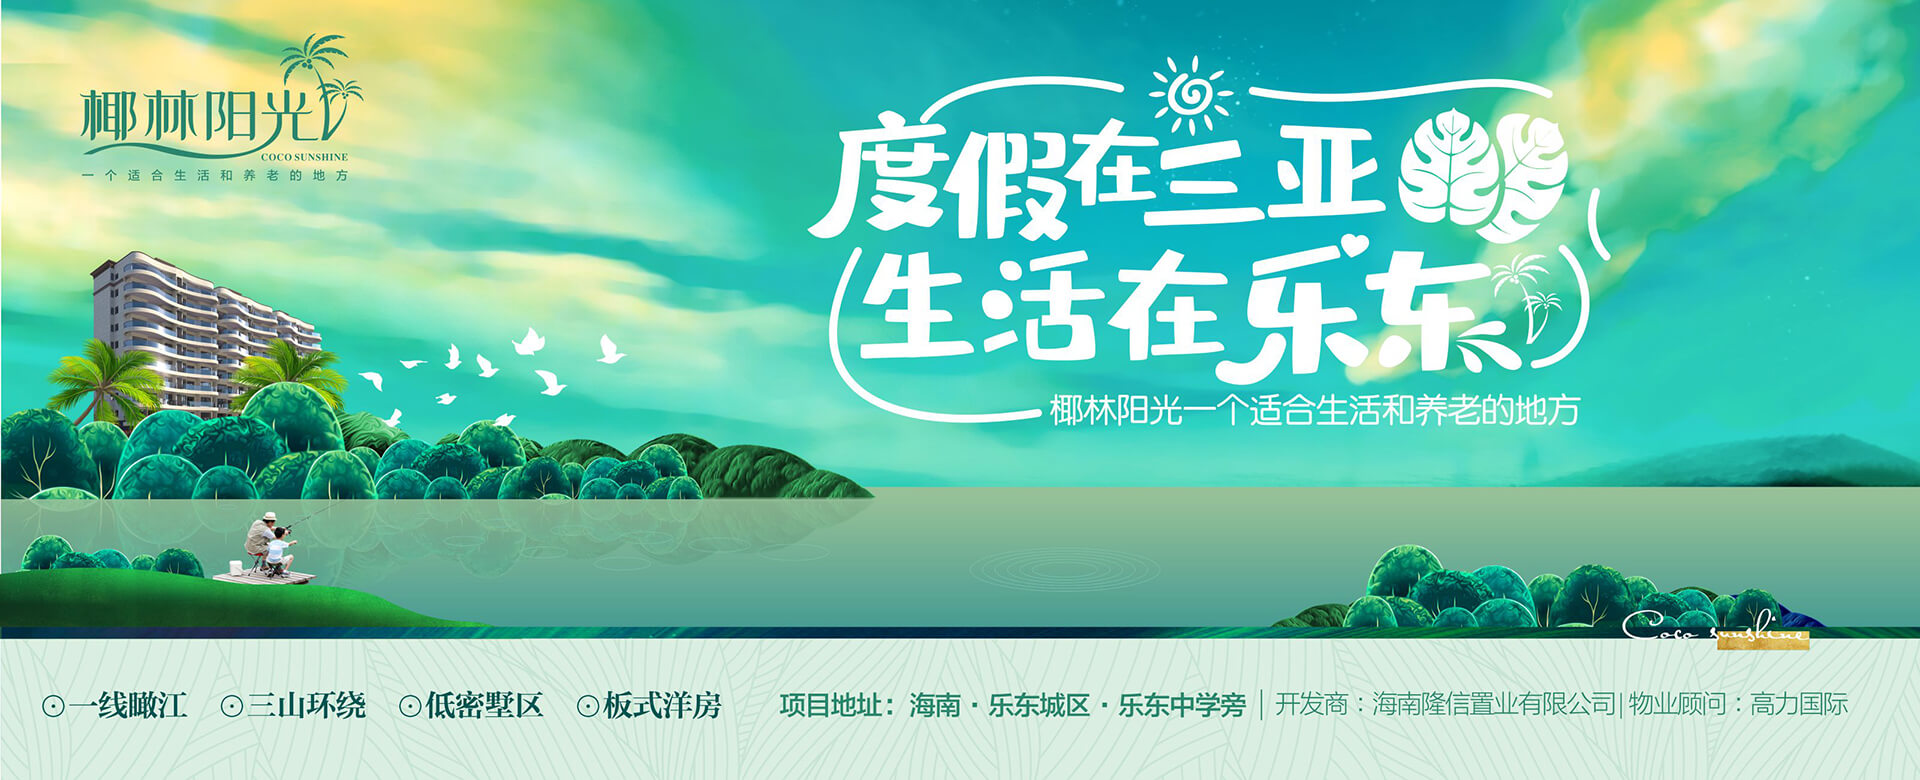 海南房产网椰林阳光宣传图